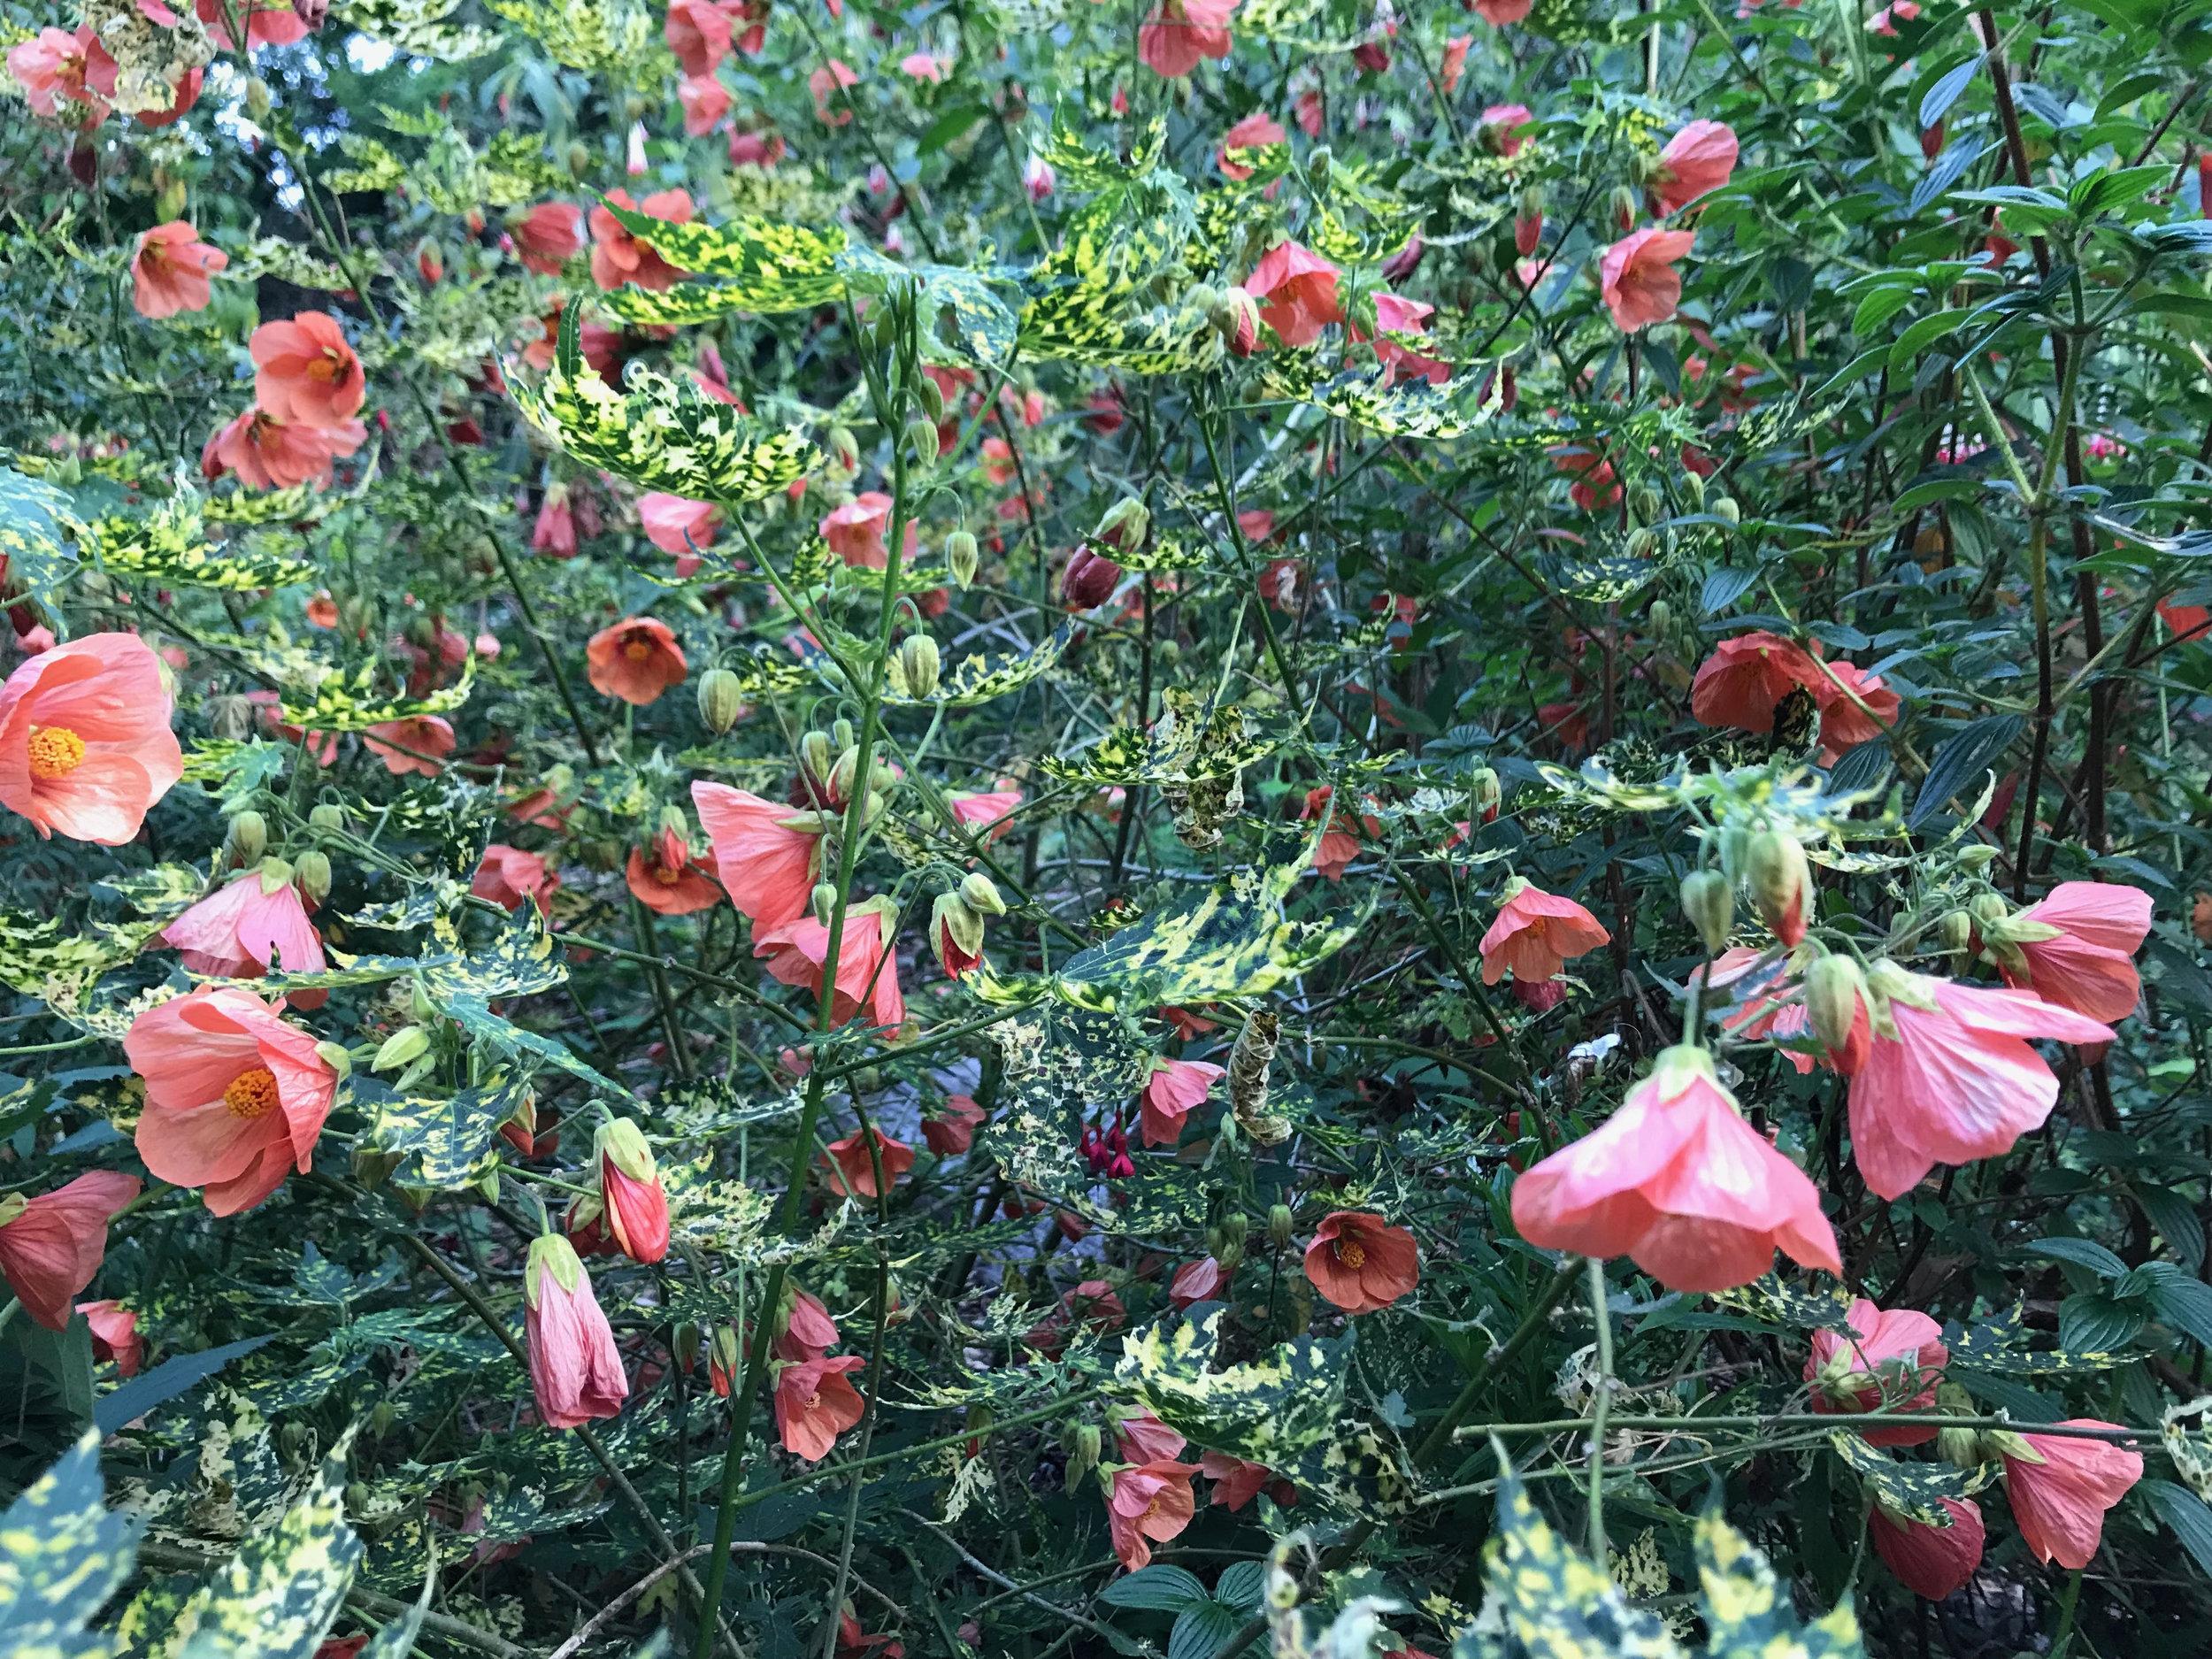 Flowers_Golden_Gate_Park_Diana_Berlin.jpg